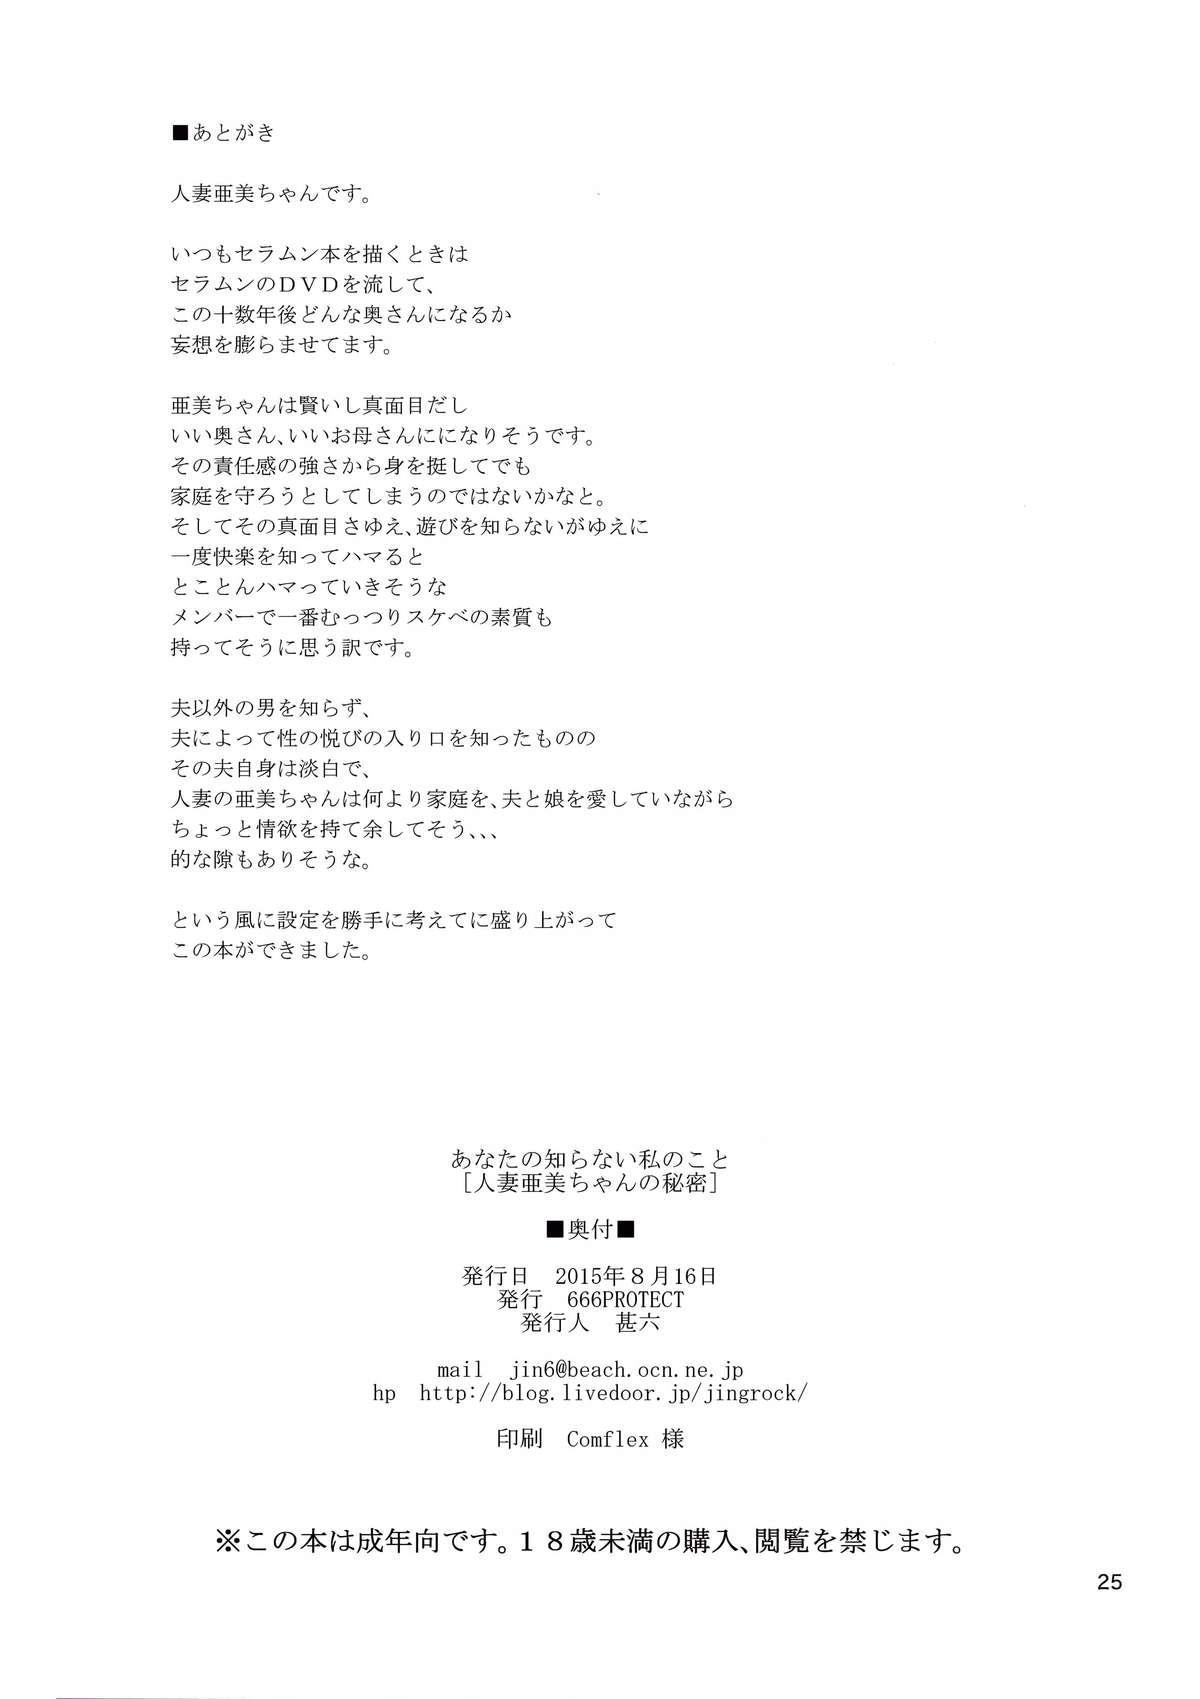 Anata no Shiranai Watashi no Koto 25